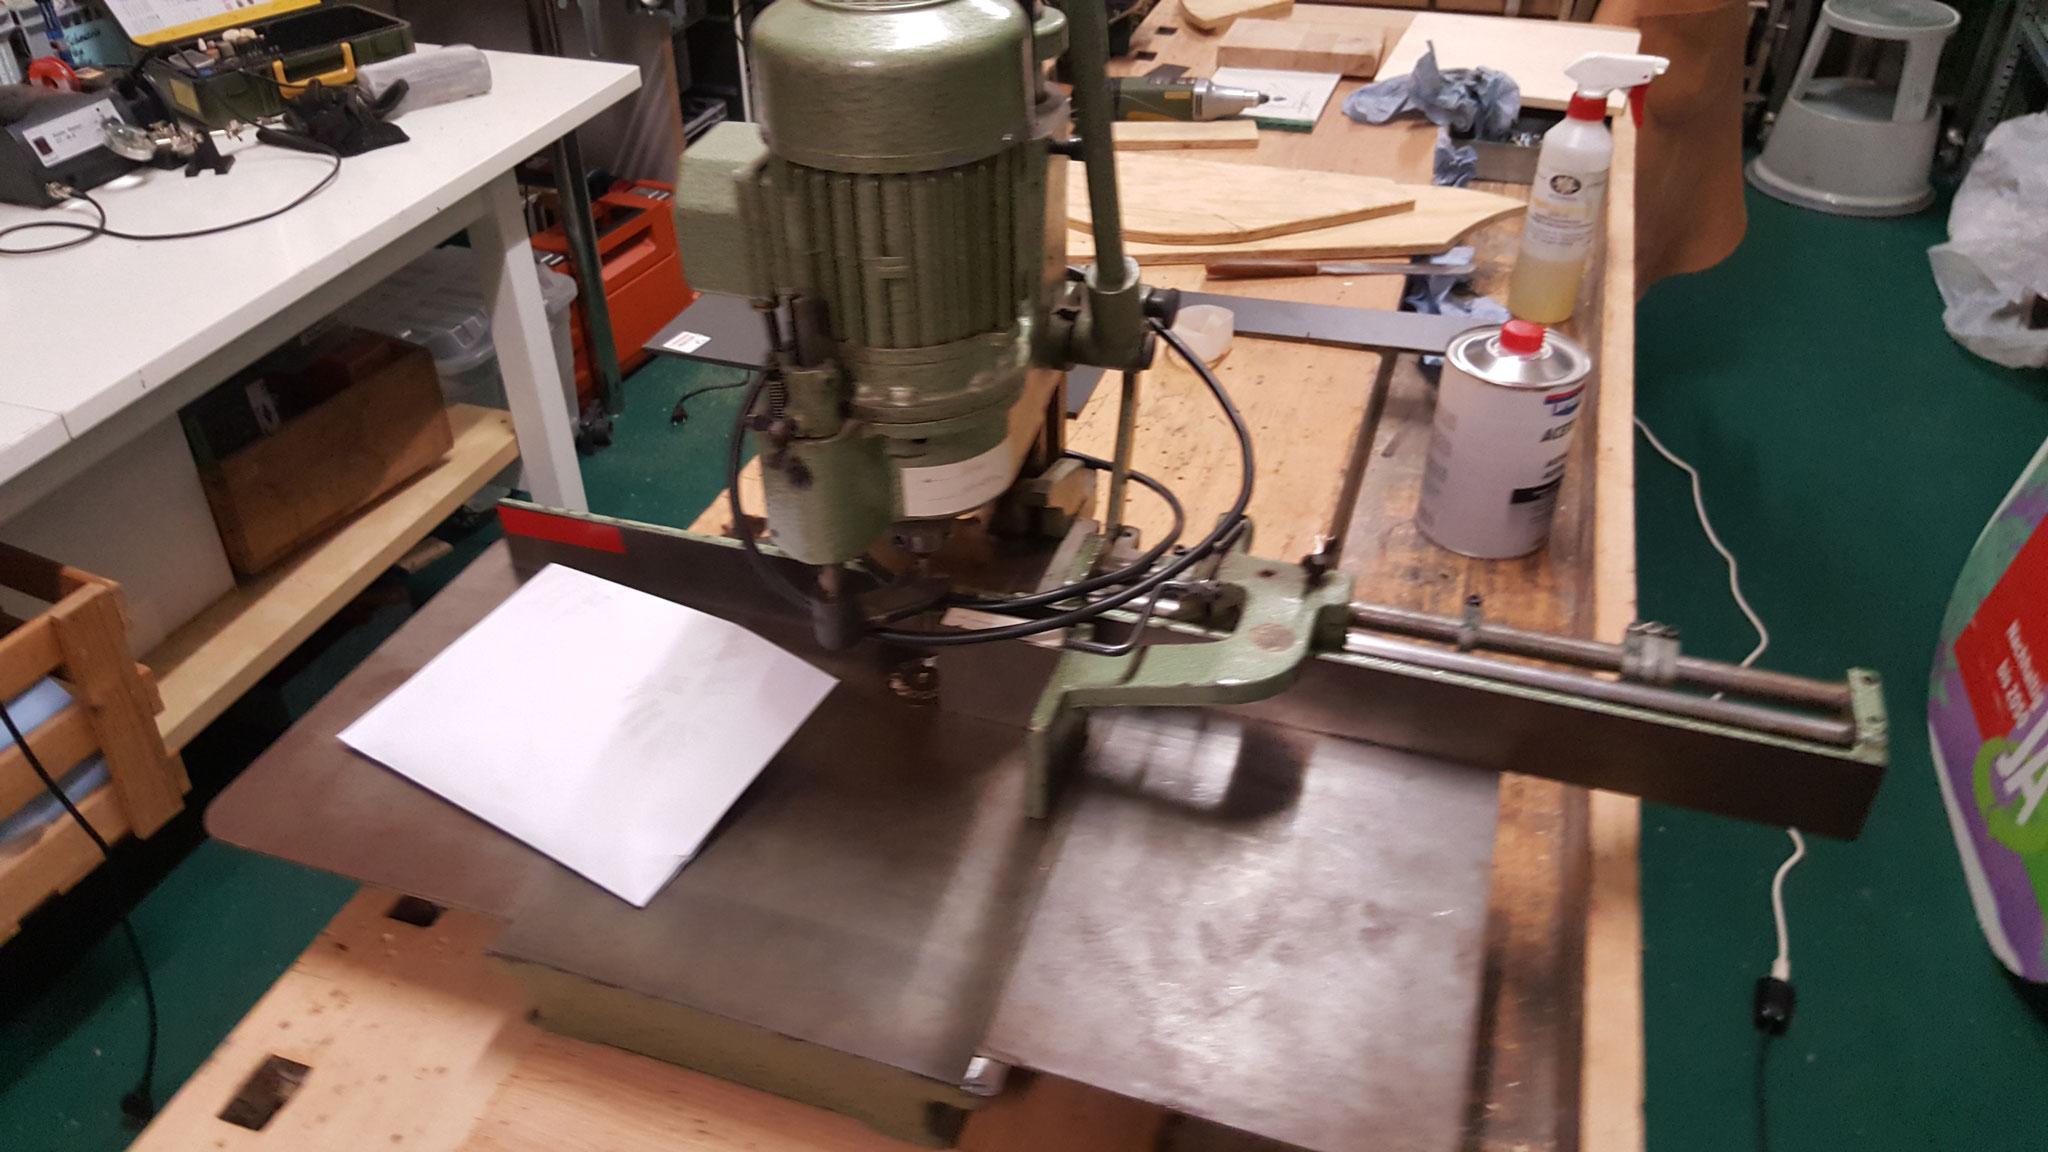 Lochbohrmaschine für Papier repariert